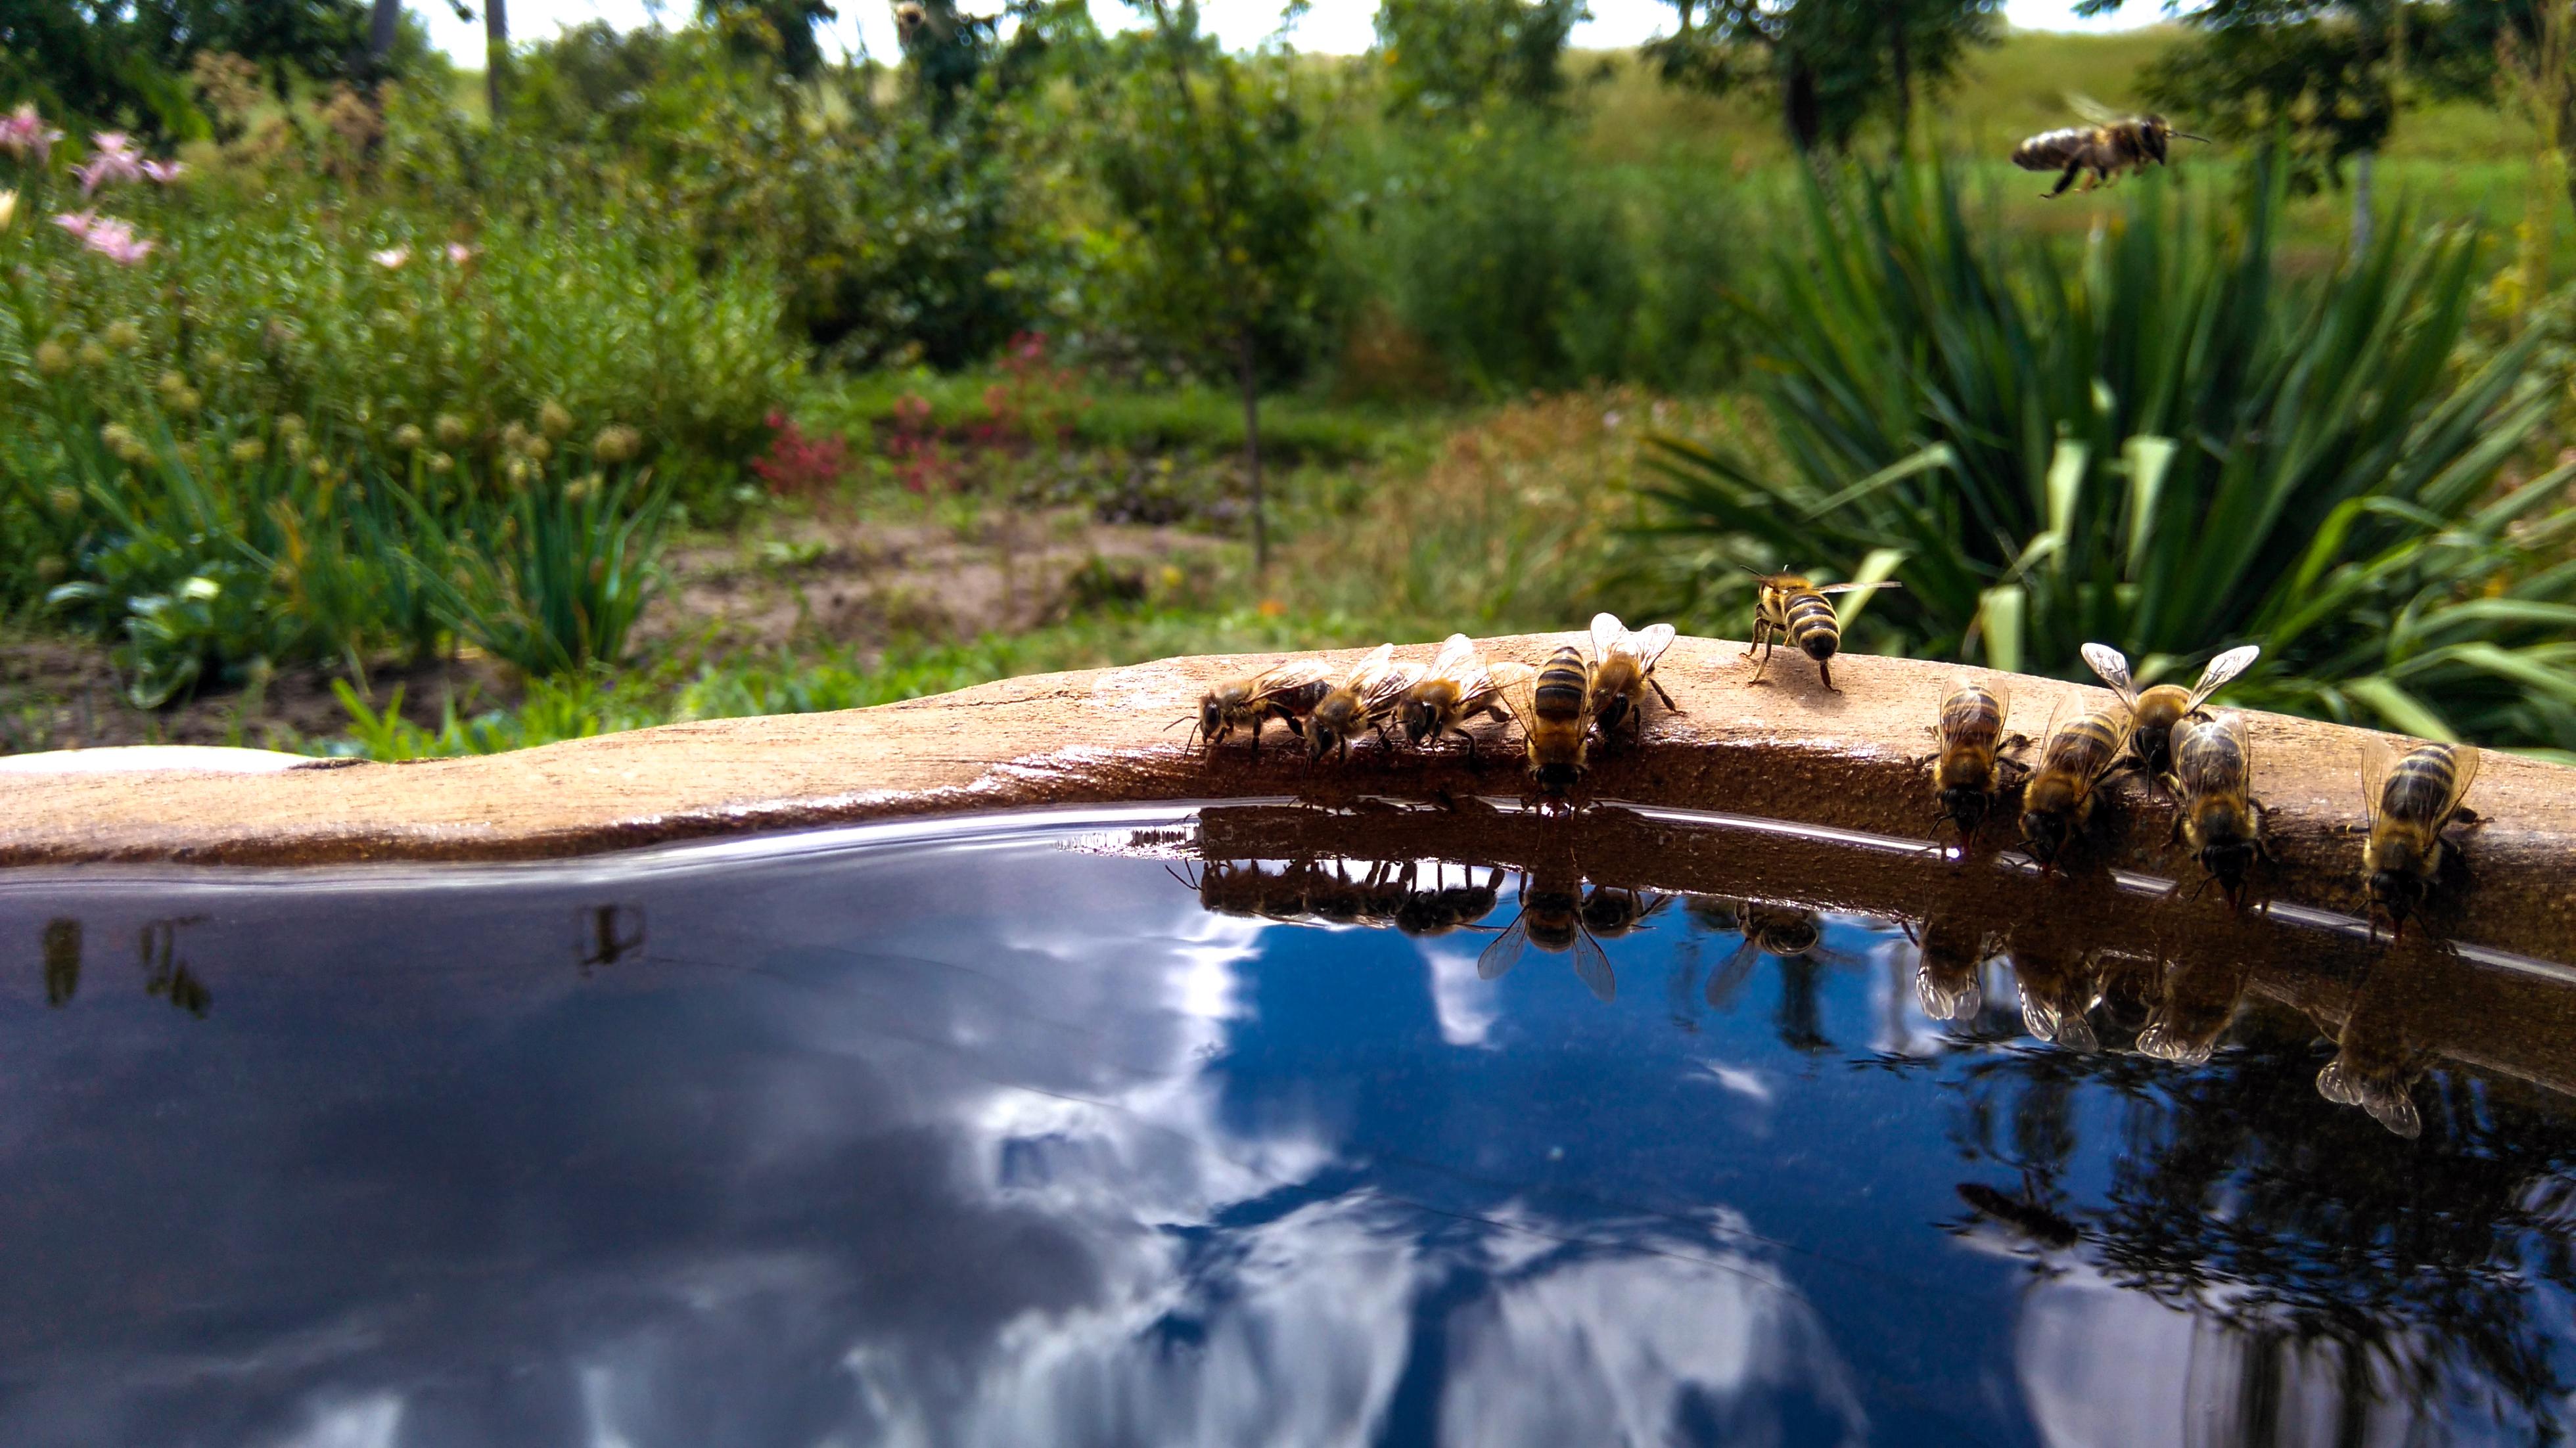 Fesselnd Steine Bienen Gras Blume Wasser Betrachtung Teich Pflanze Wasservorräte Pool  Wasser Funktion Baum Hinterhof Landschaft